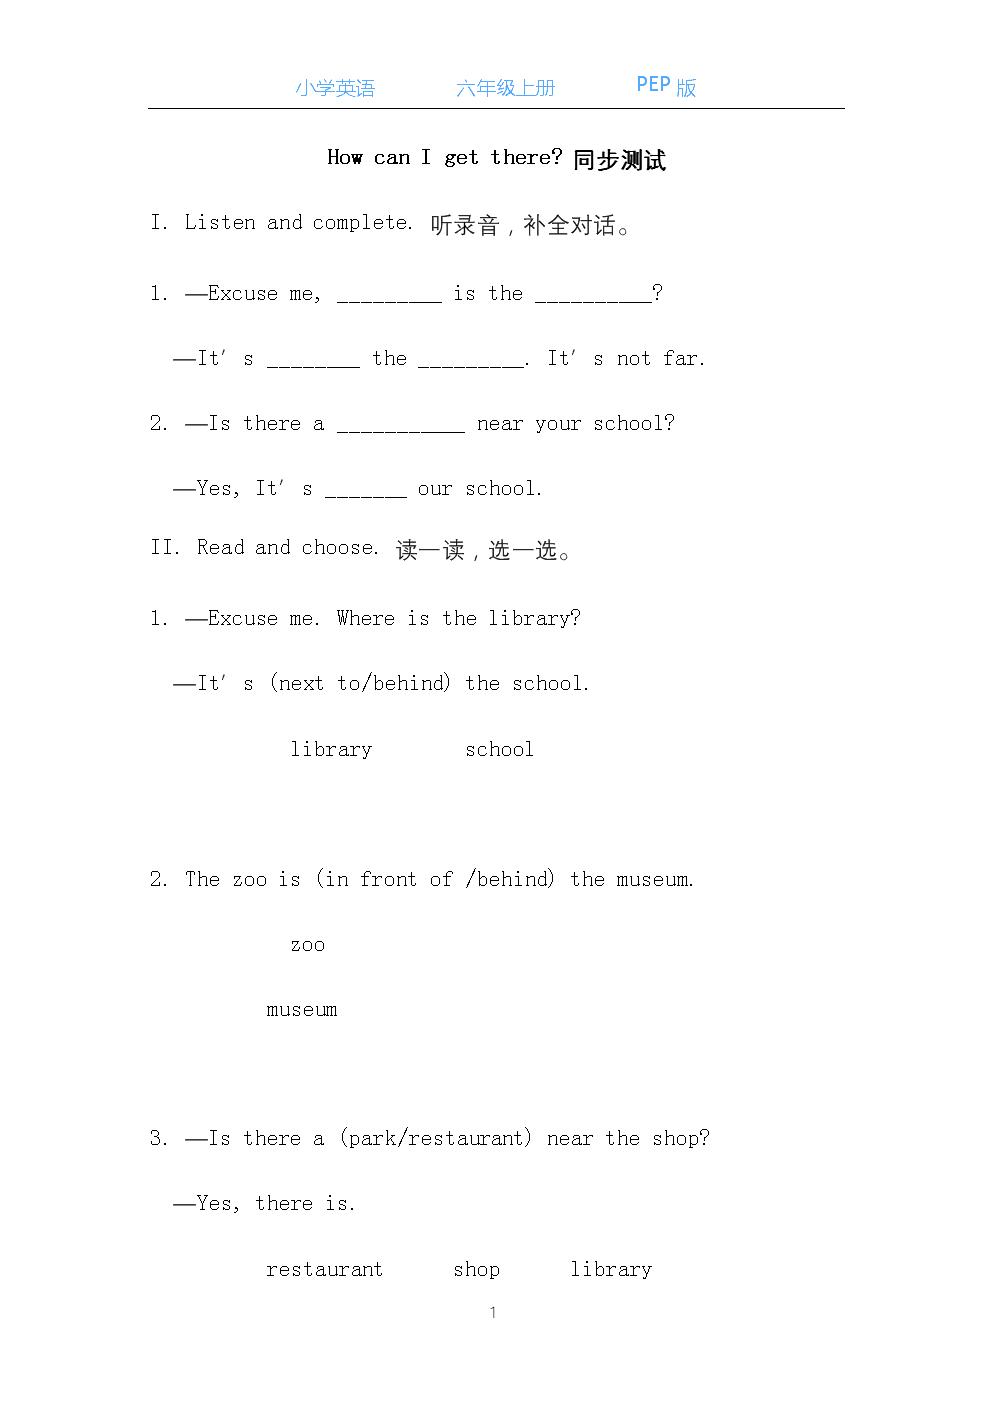 人教PEP版小学英语六年级上册Unit1-6同步试题(含听力材料及答案).docx